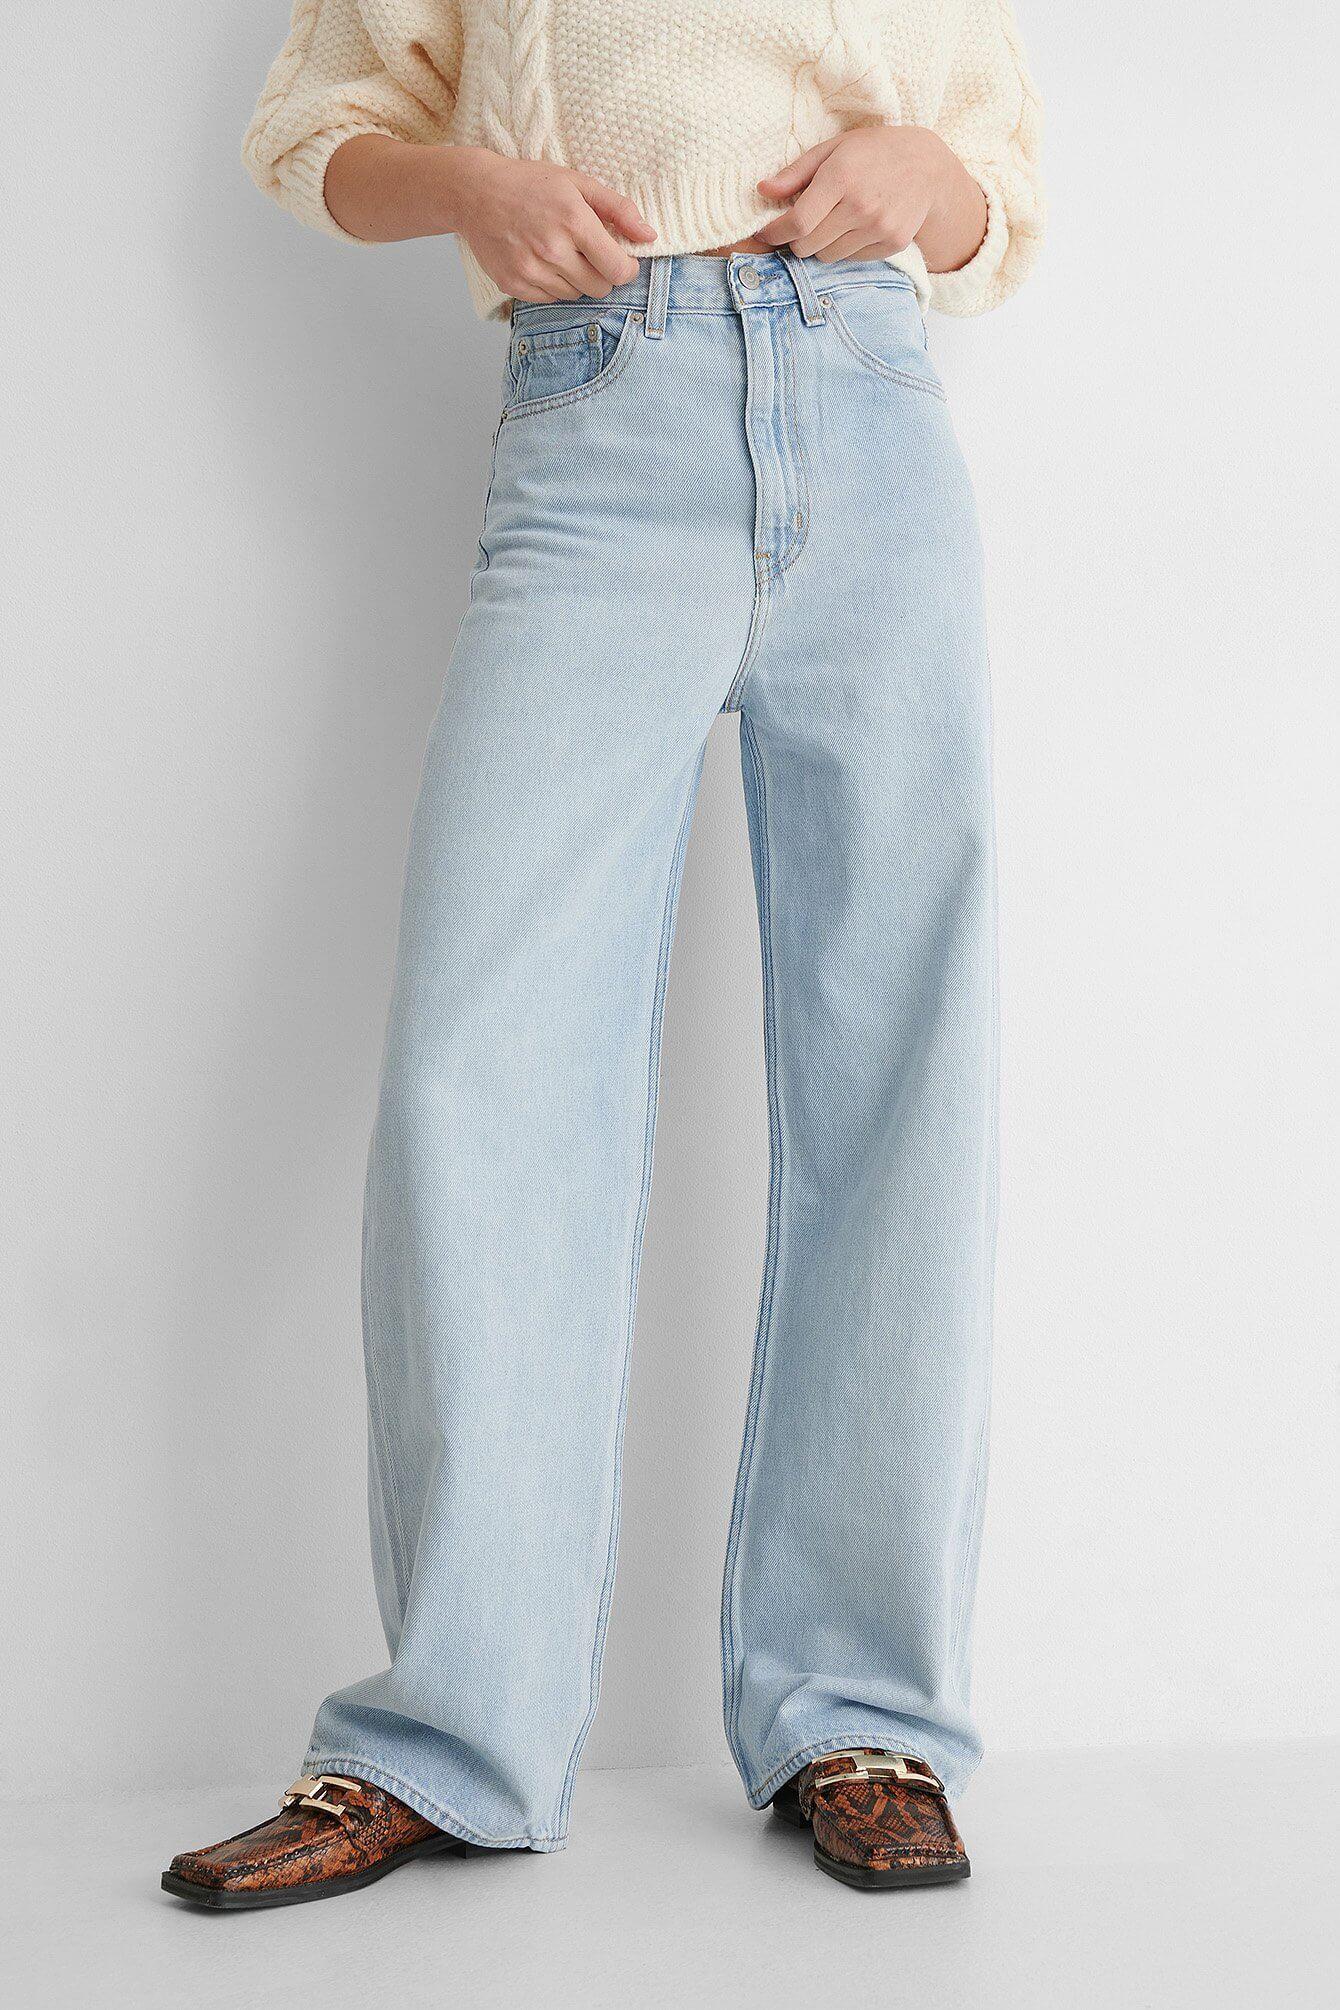 Ett par vida jeans från Levi's.